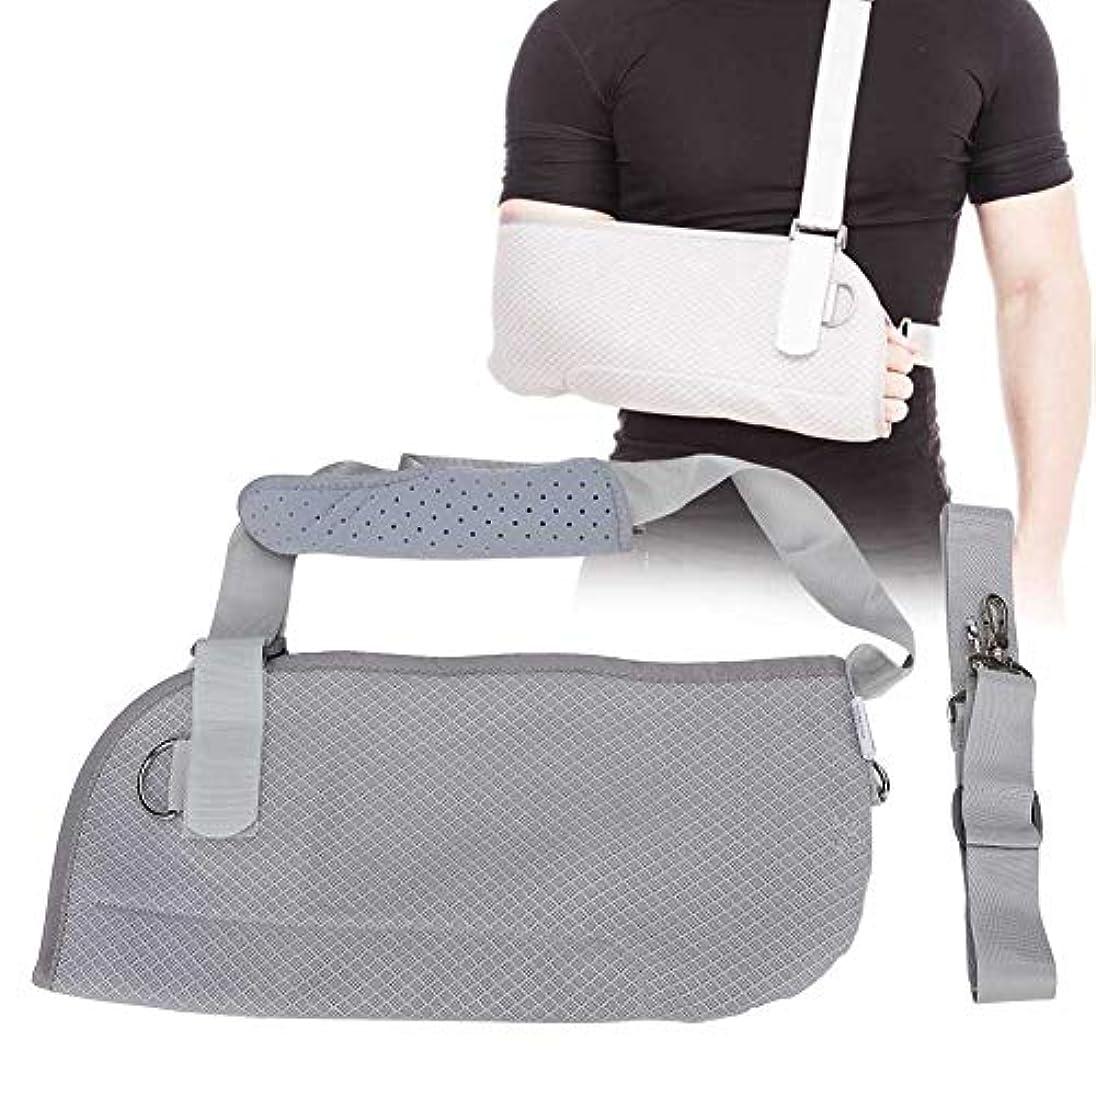 慎重プロトタイプシャワー腕のスリング、調節可能な上腕装具、亜脱臼、脱臼、捻挫、手首の捻挫、前腕骨折治療